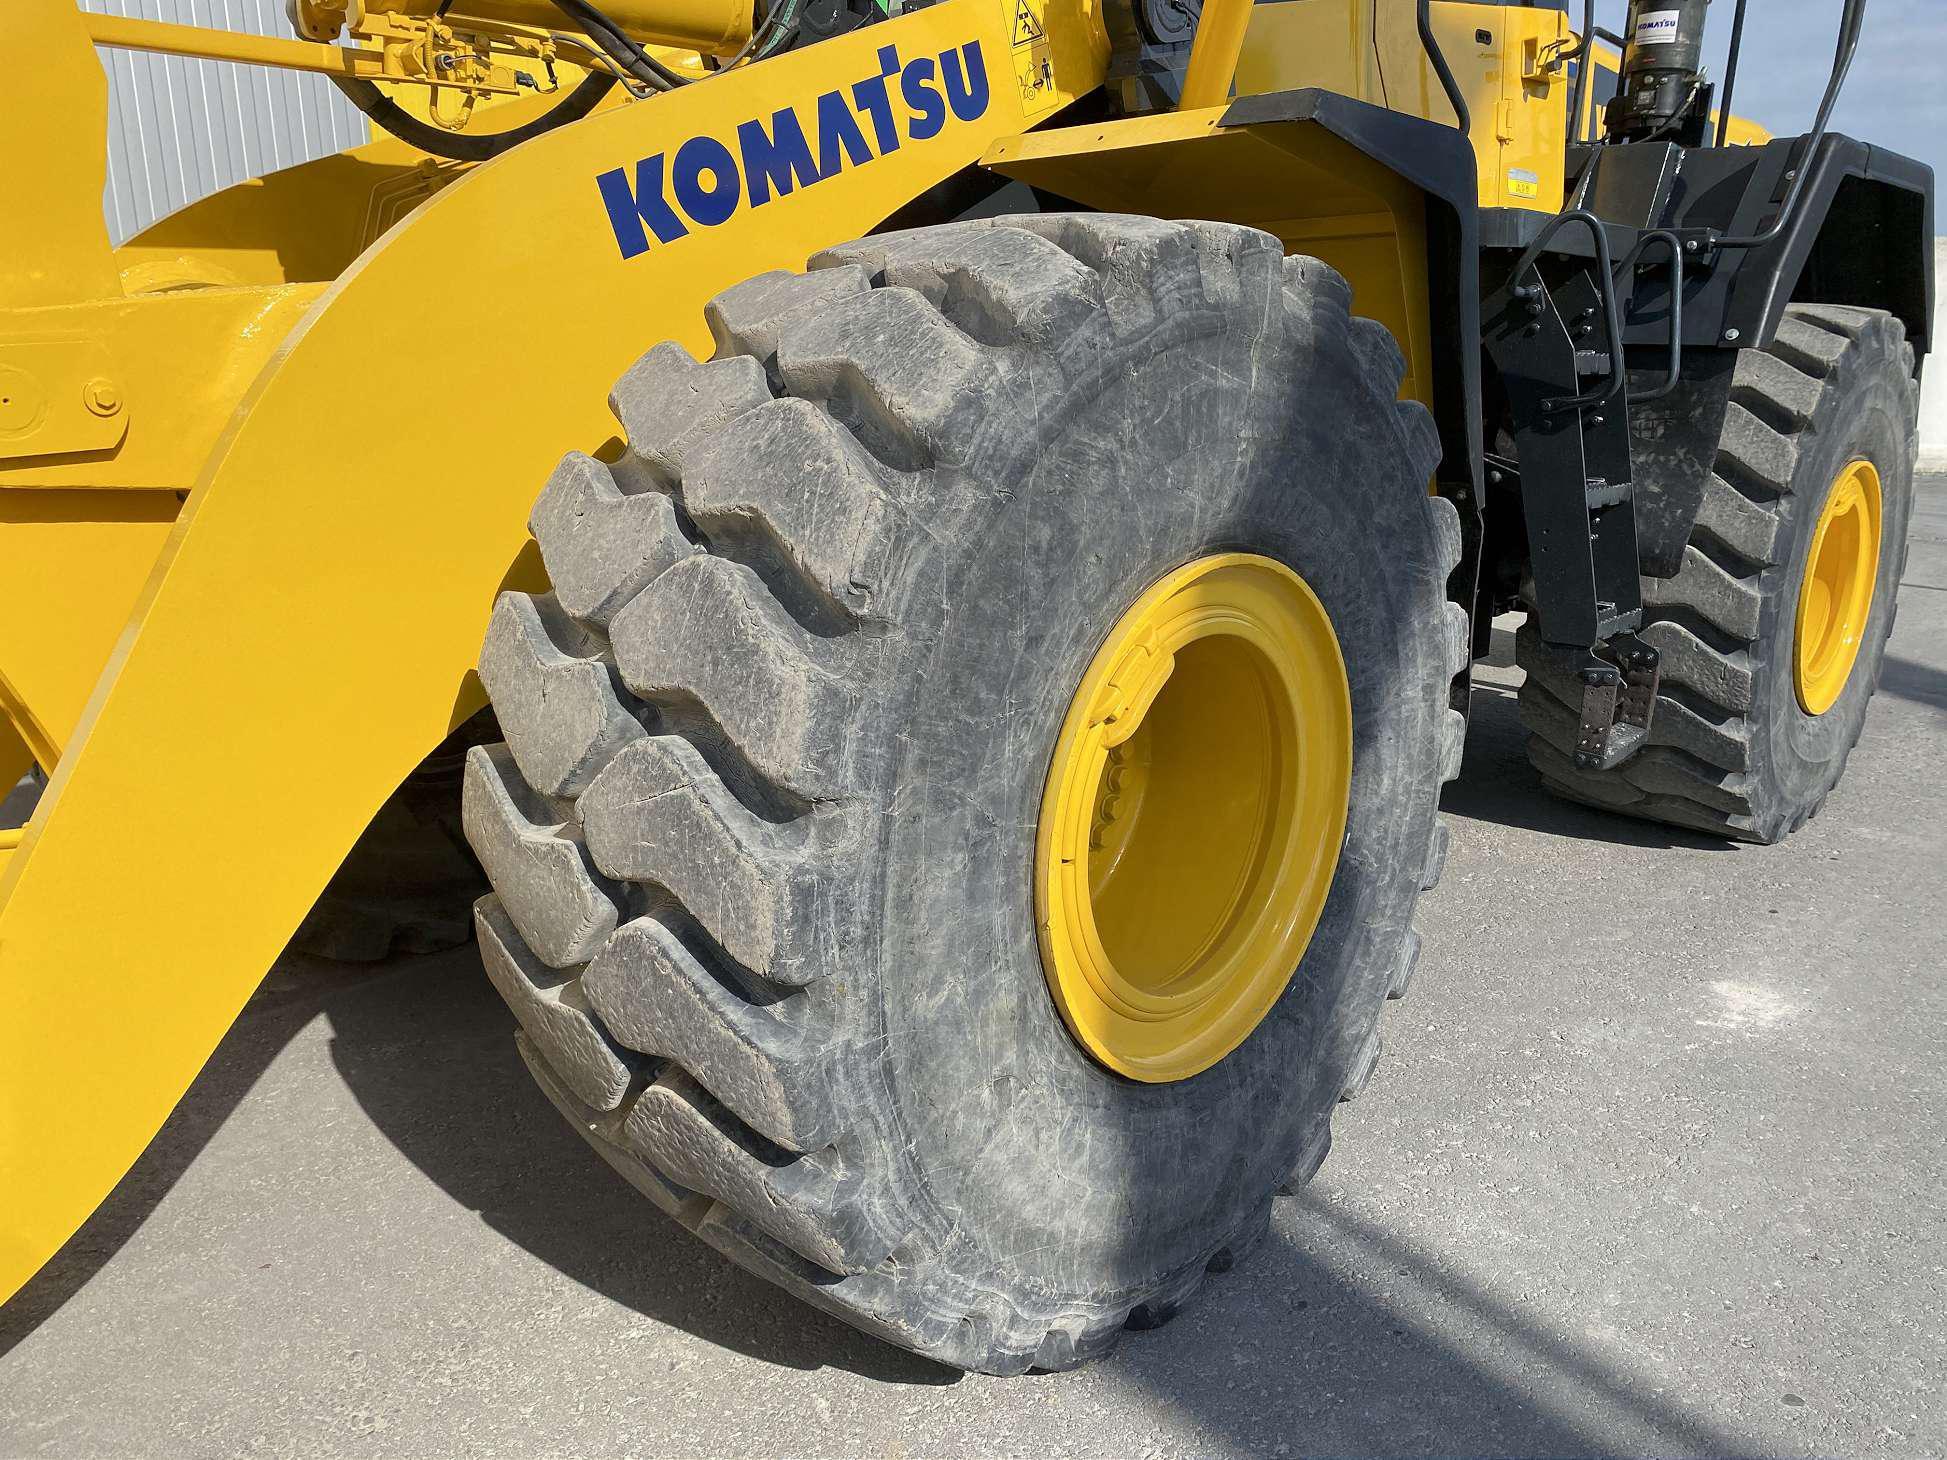 KOMATSU WA 470 LC-6 - 11